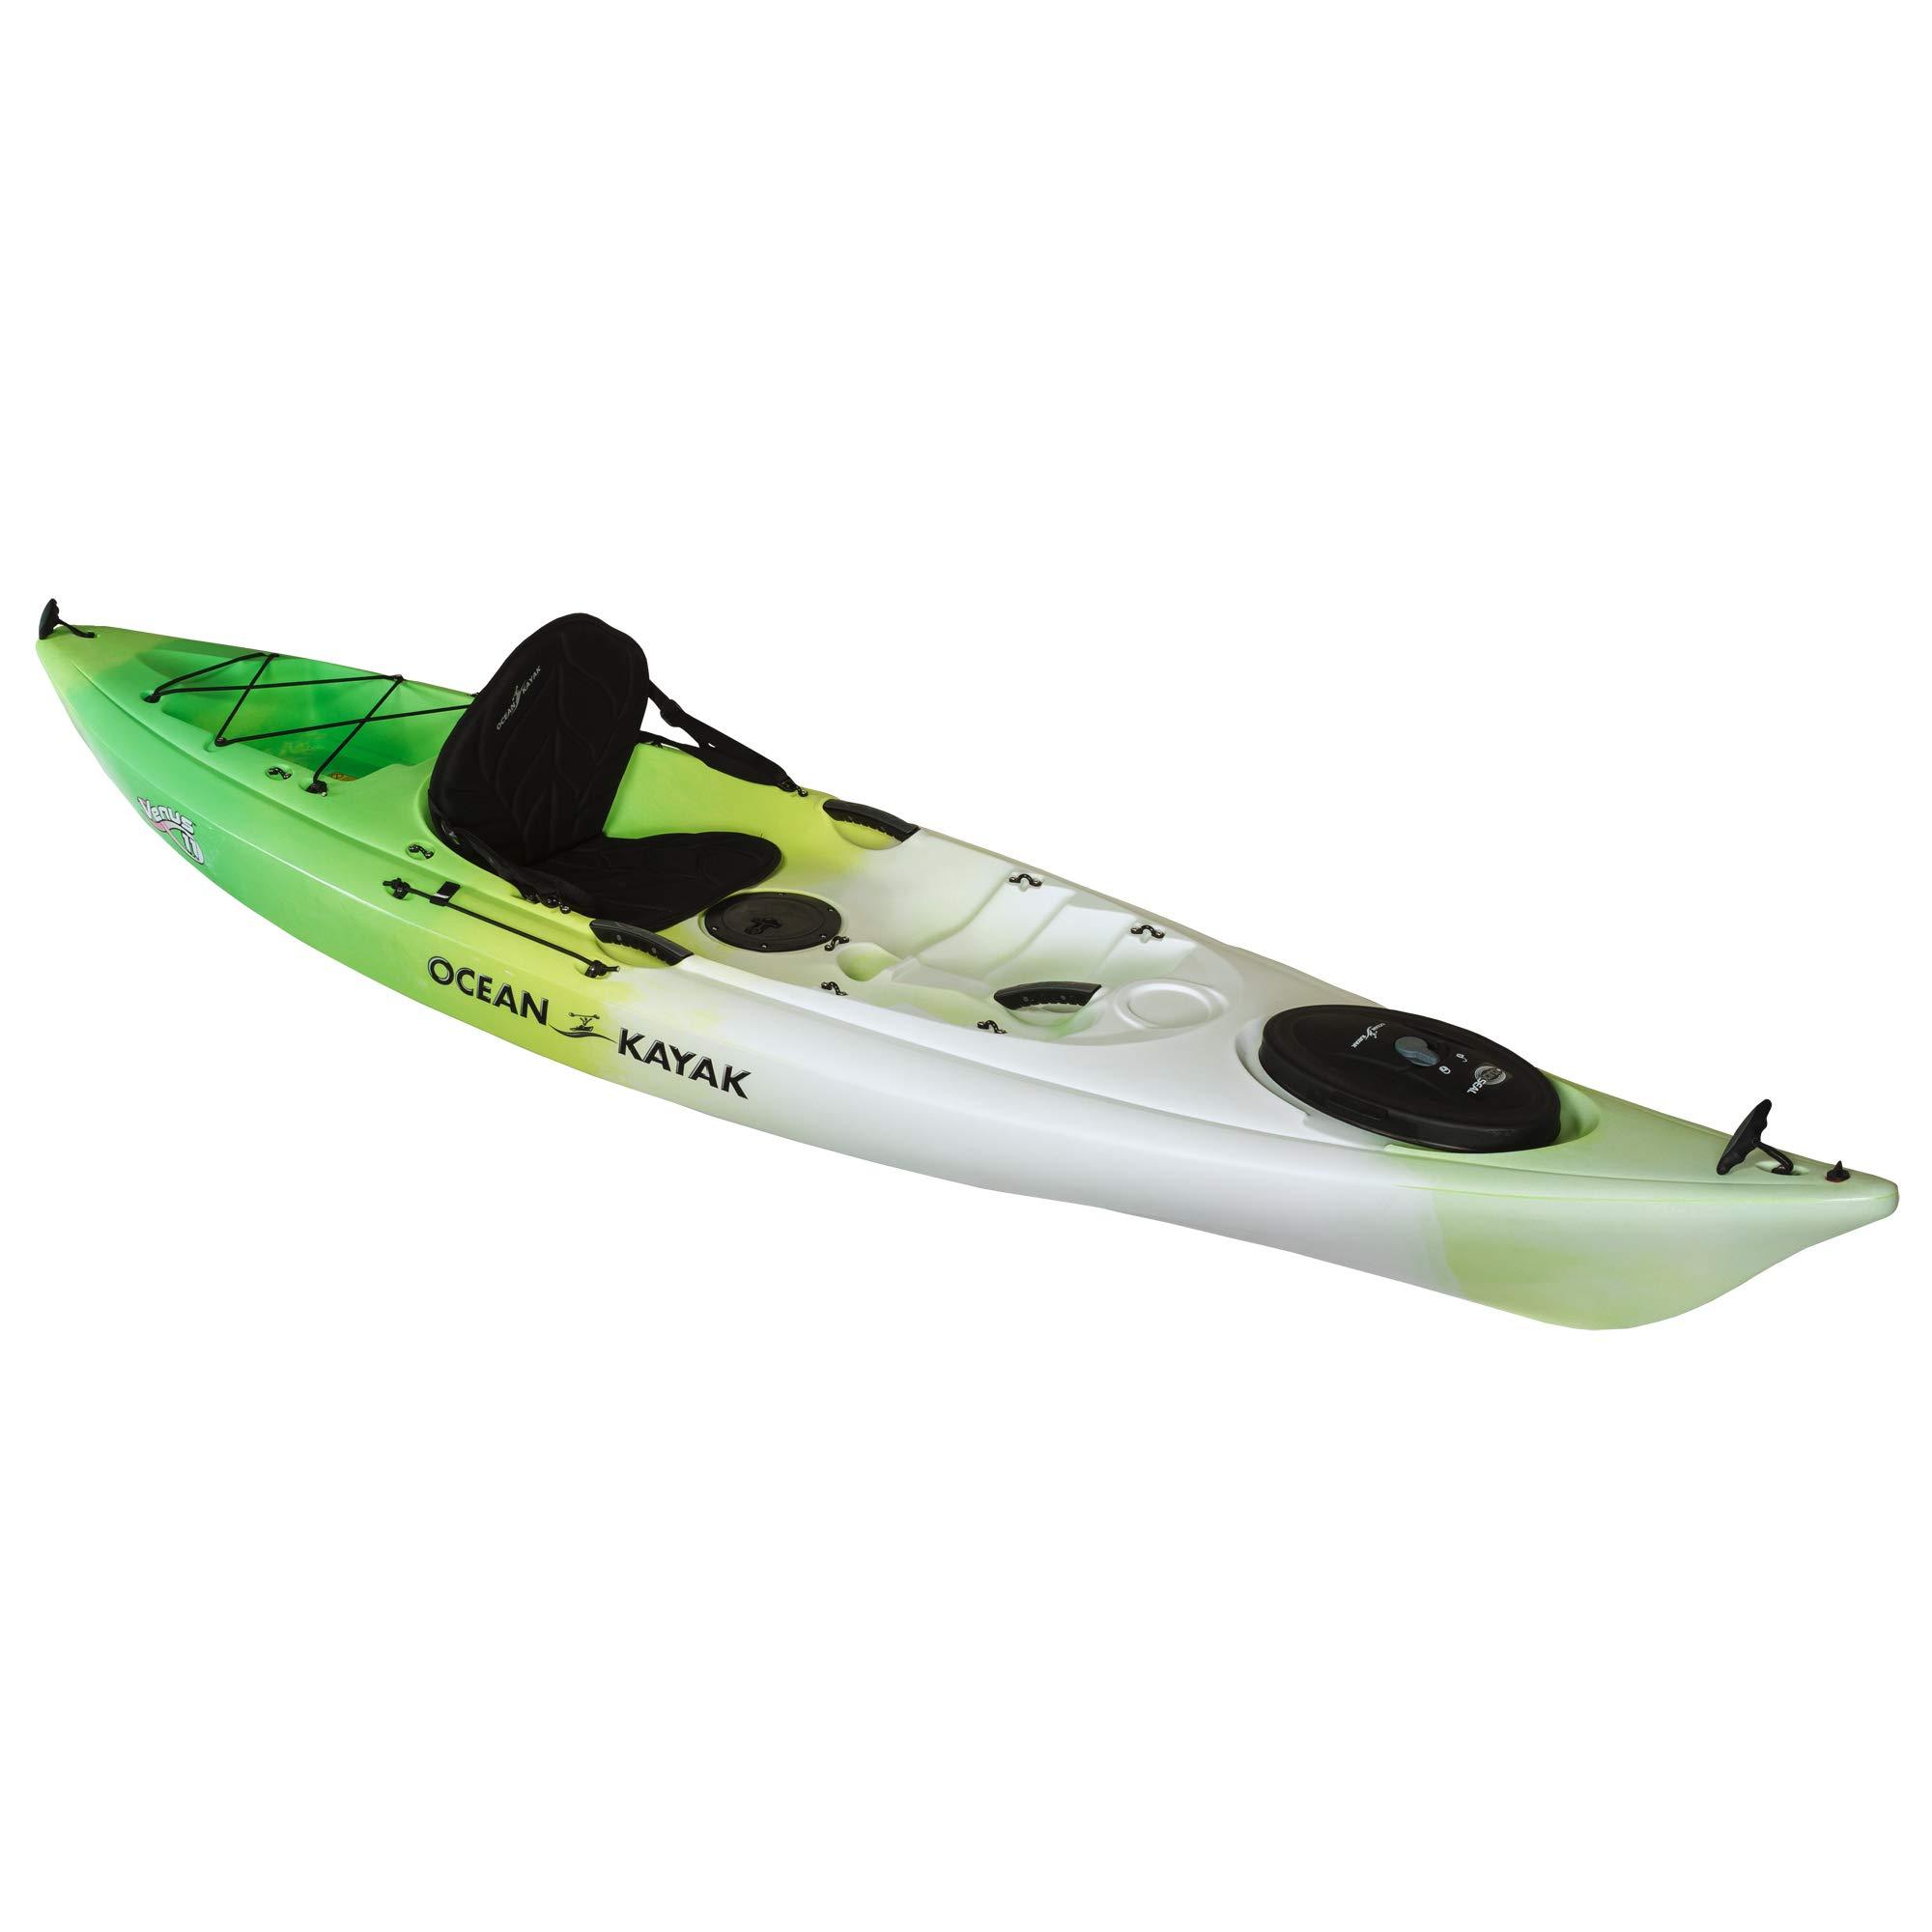 Ocean Kayak Venus 11 One-Person Women's Sit-On-Top Kayak, Envy, 10 Feet 8 Inches by Ocean Kayak